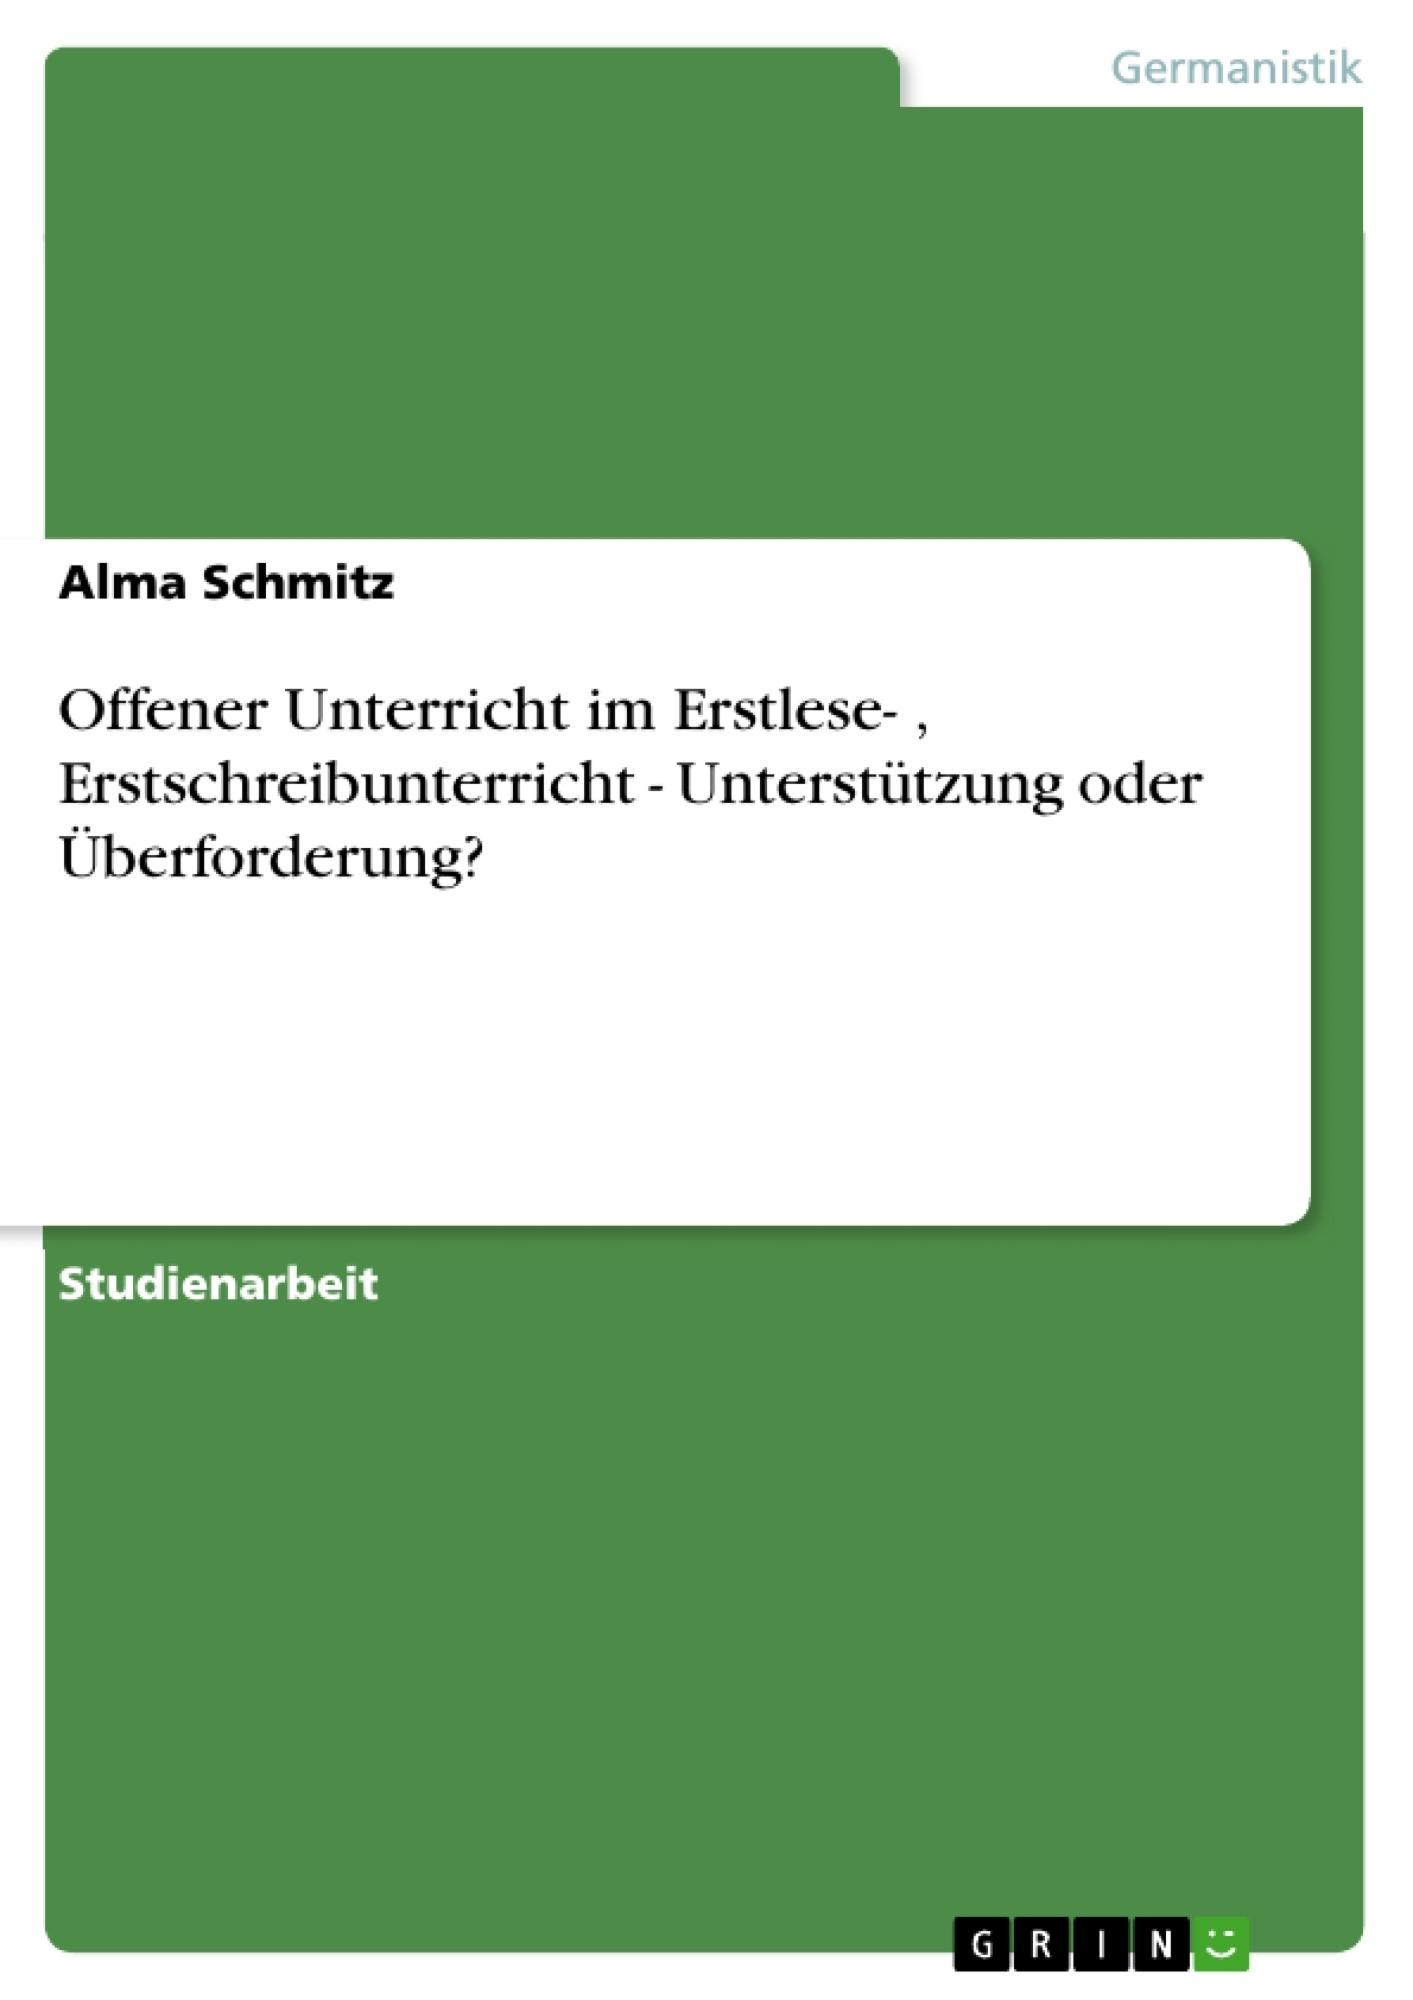 Titel: Offener Unterricht im Erstlese- , Erstschreibunterricht - Unterstützung oder Überforderung?